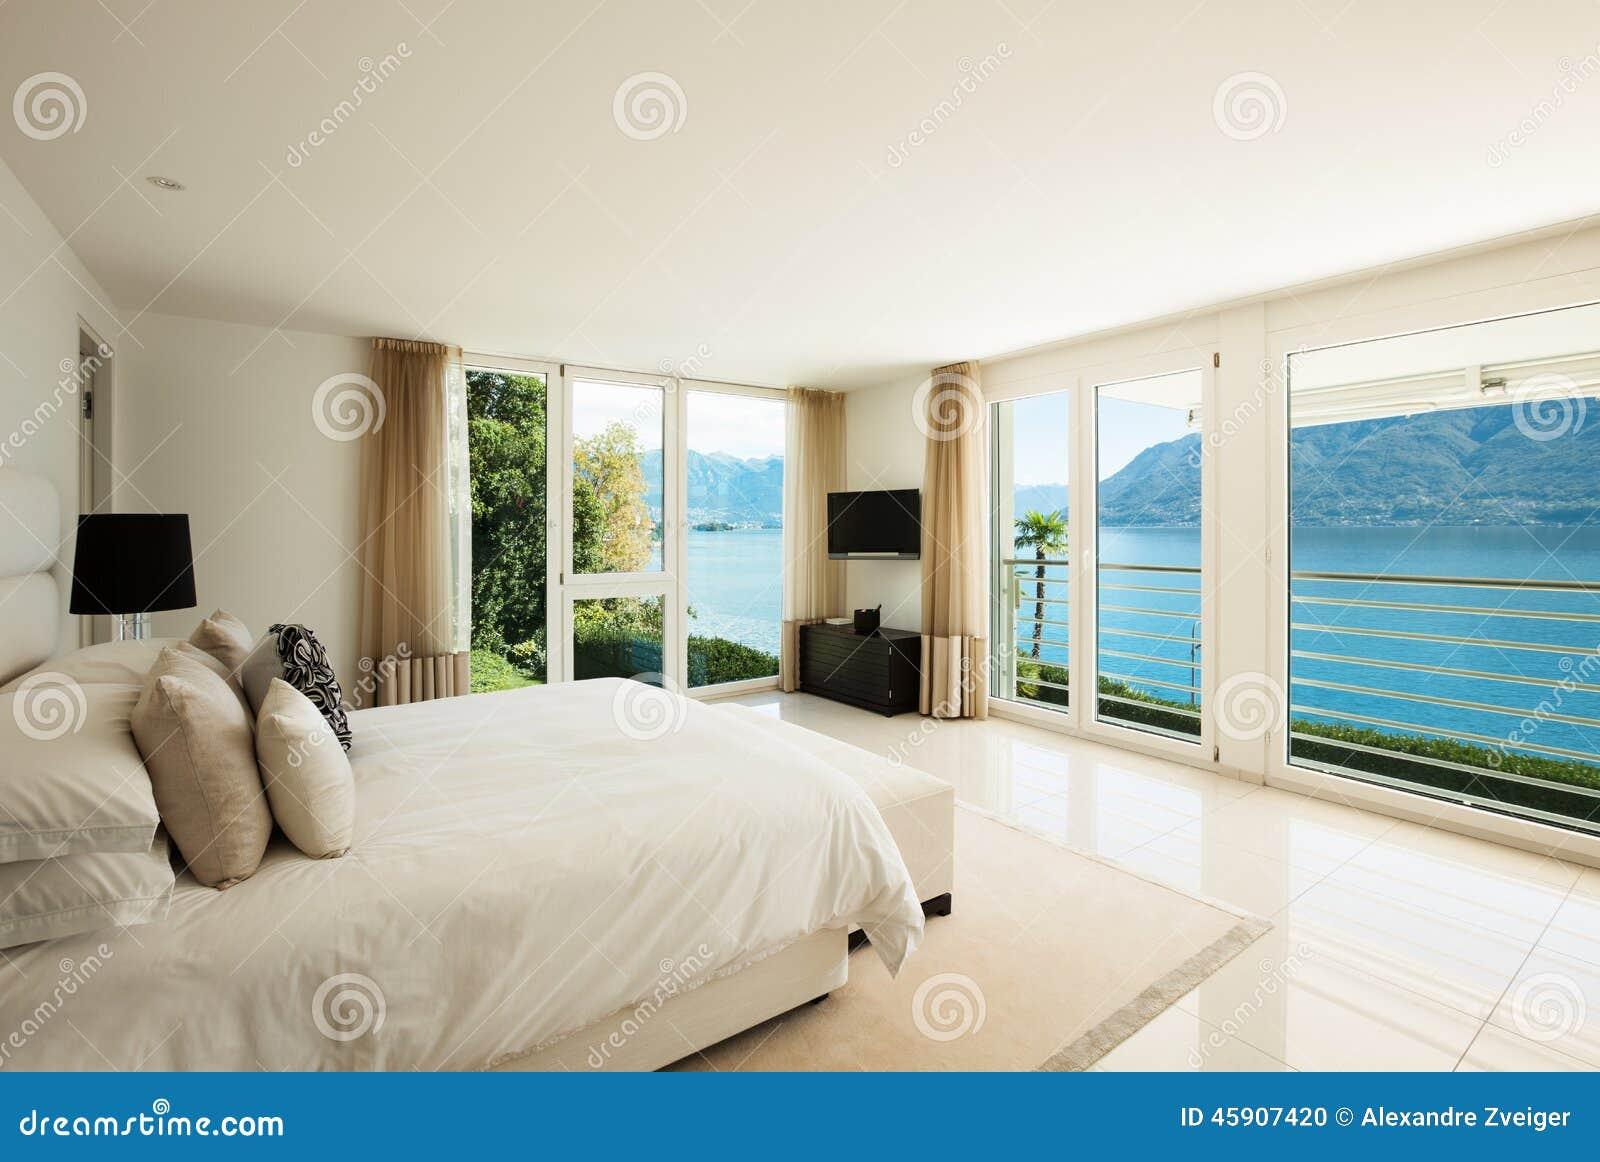 Moderne innenarchitektur fotos  Moderne Innenarchitektur, Schlafzimmer Stockfoto - Bild: 45907420